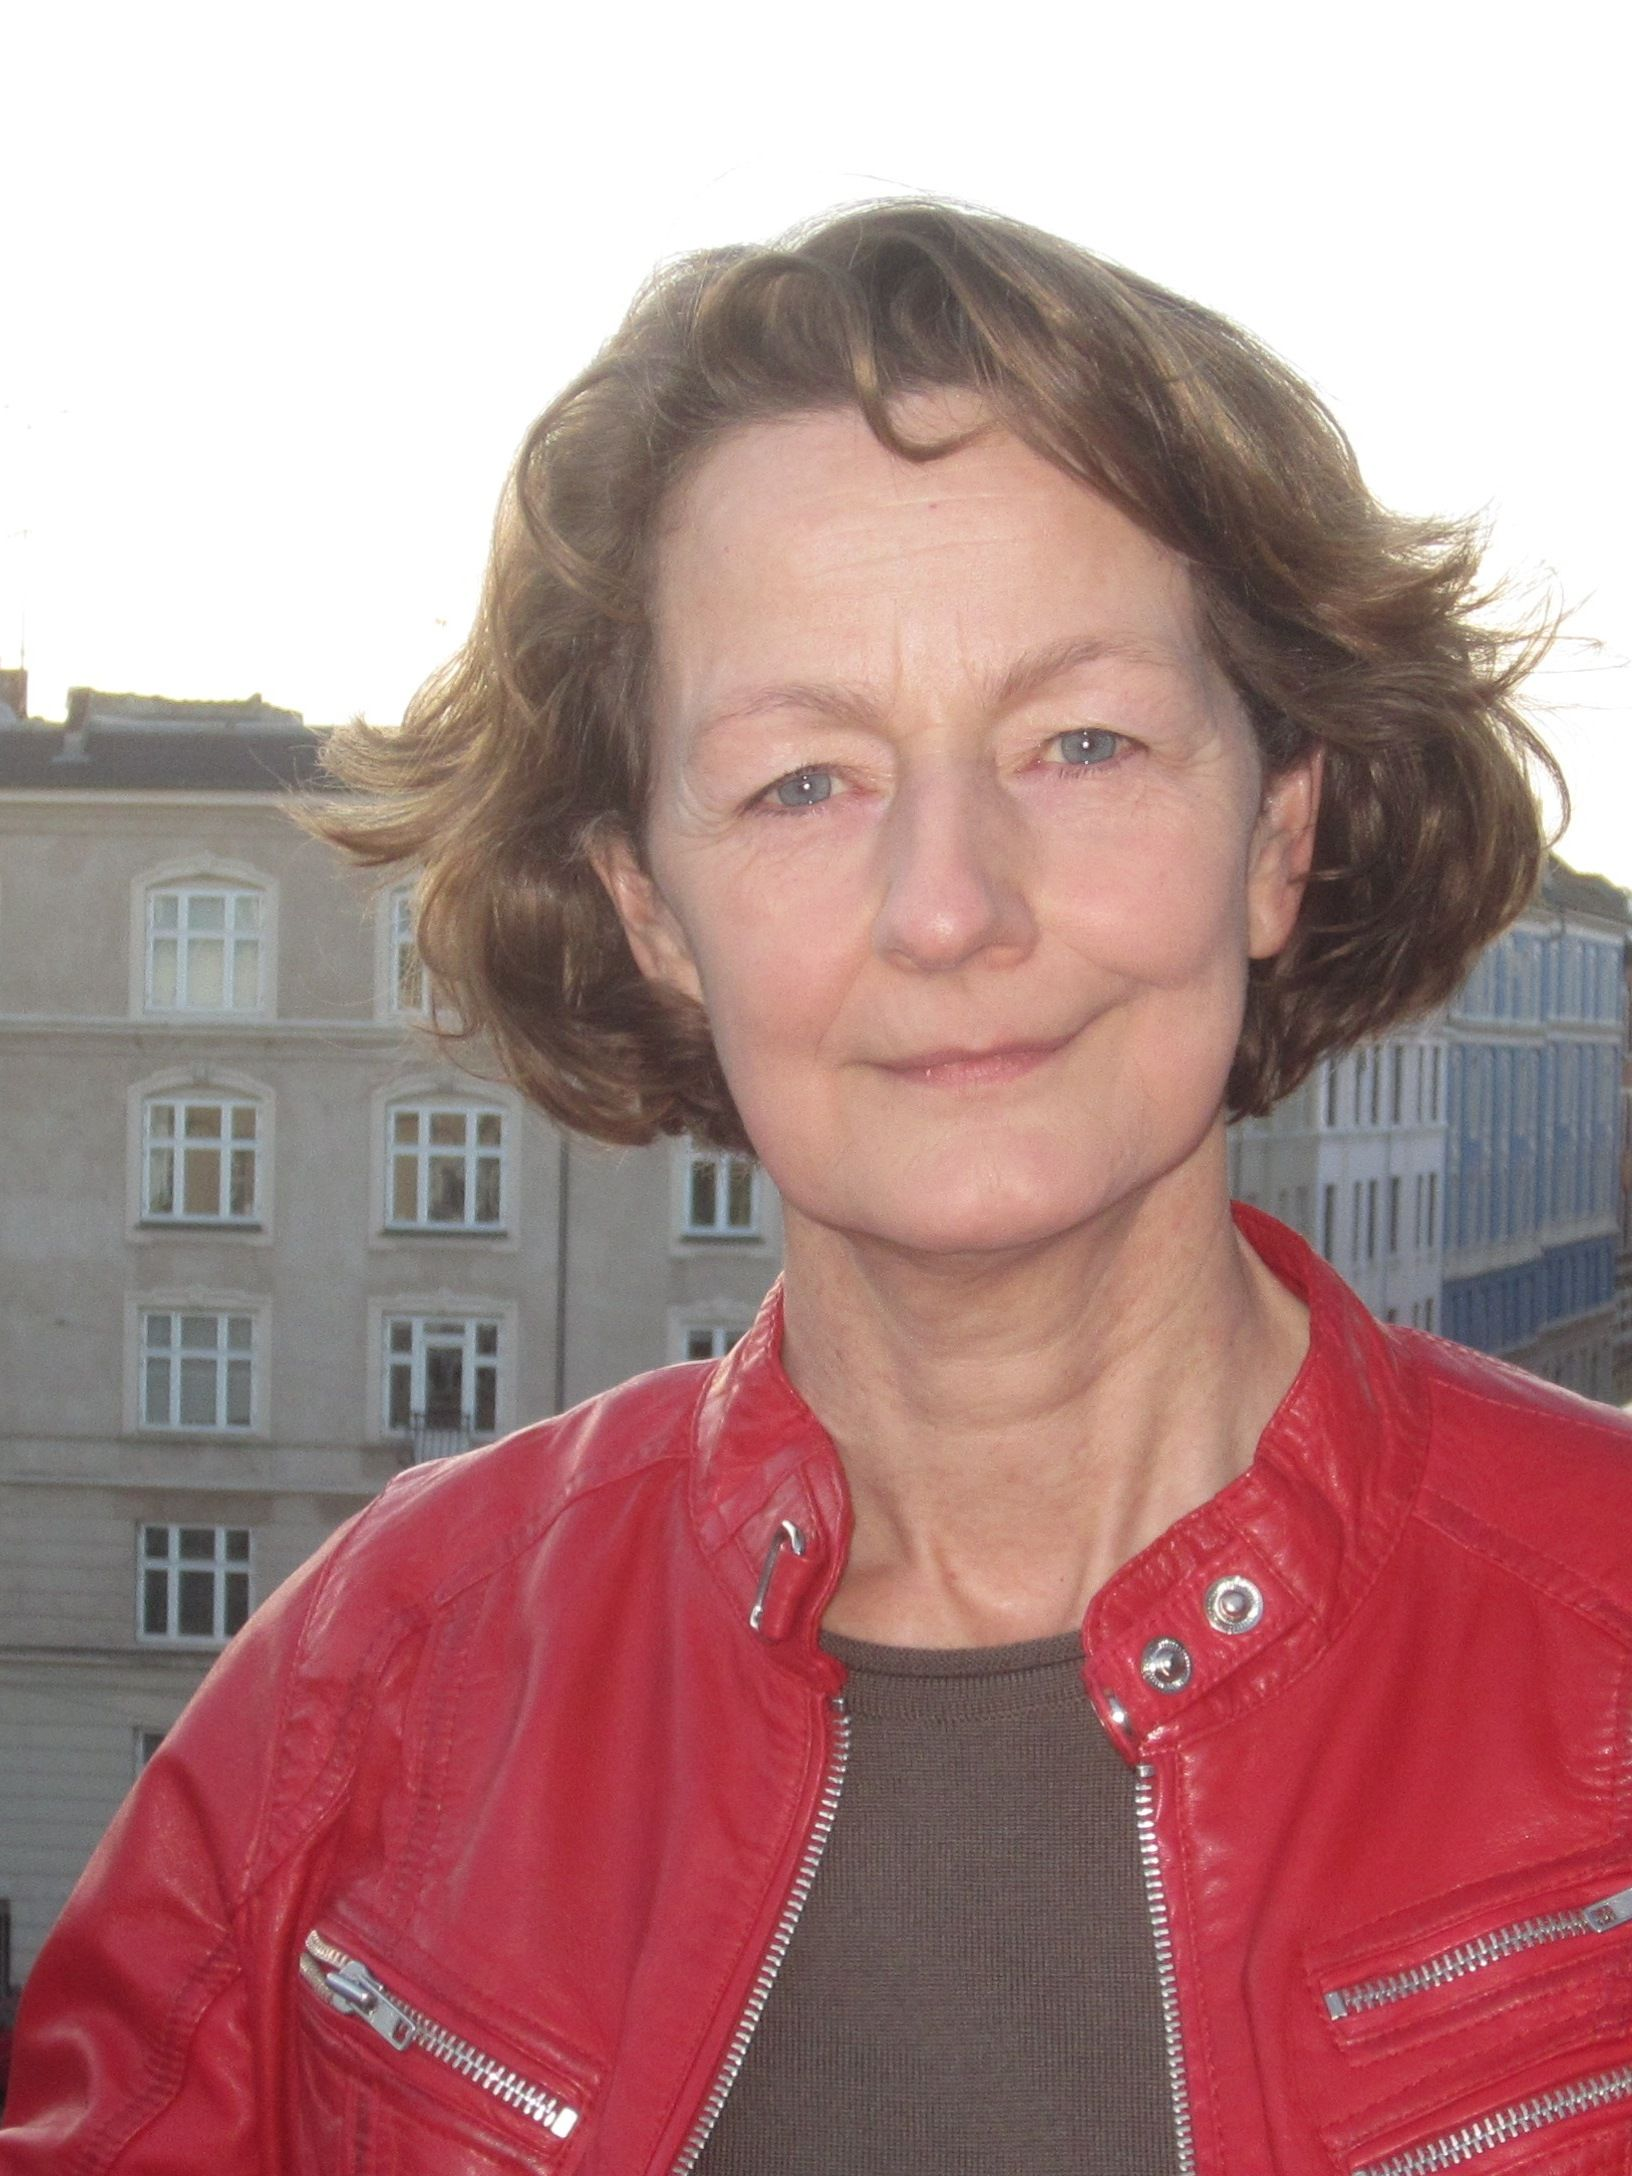 Lakshmi Sigurdsson